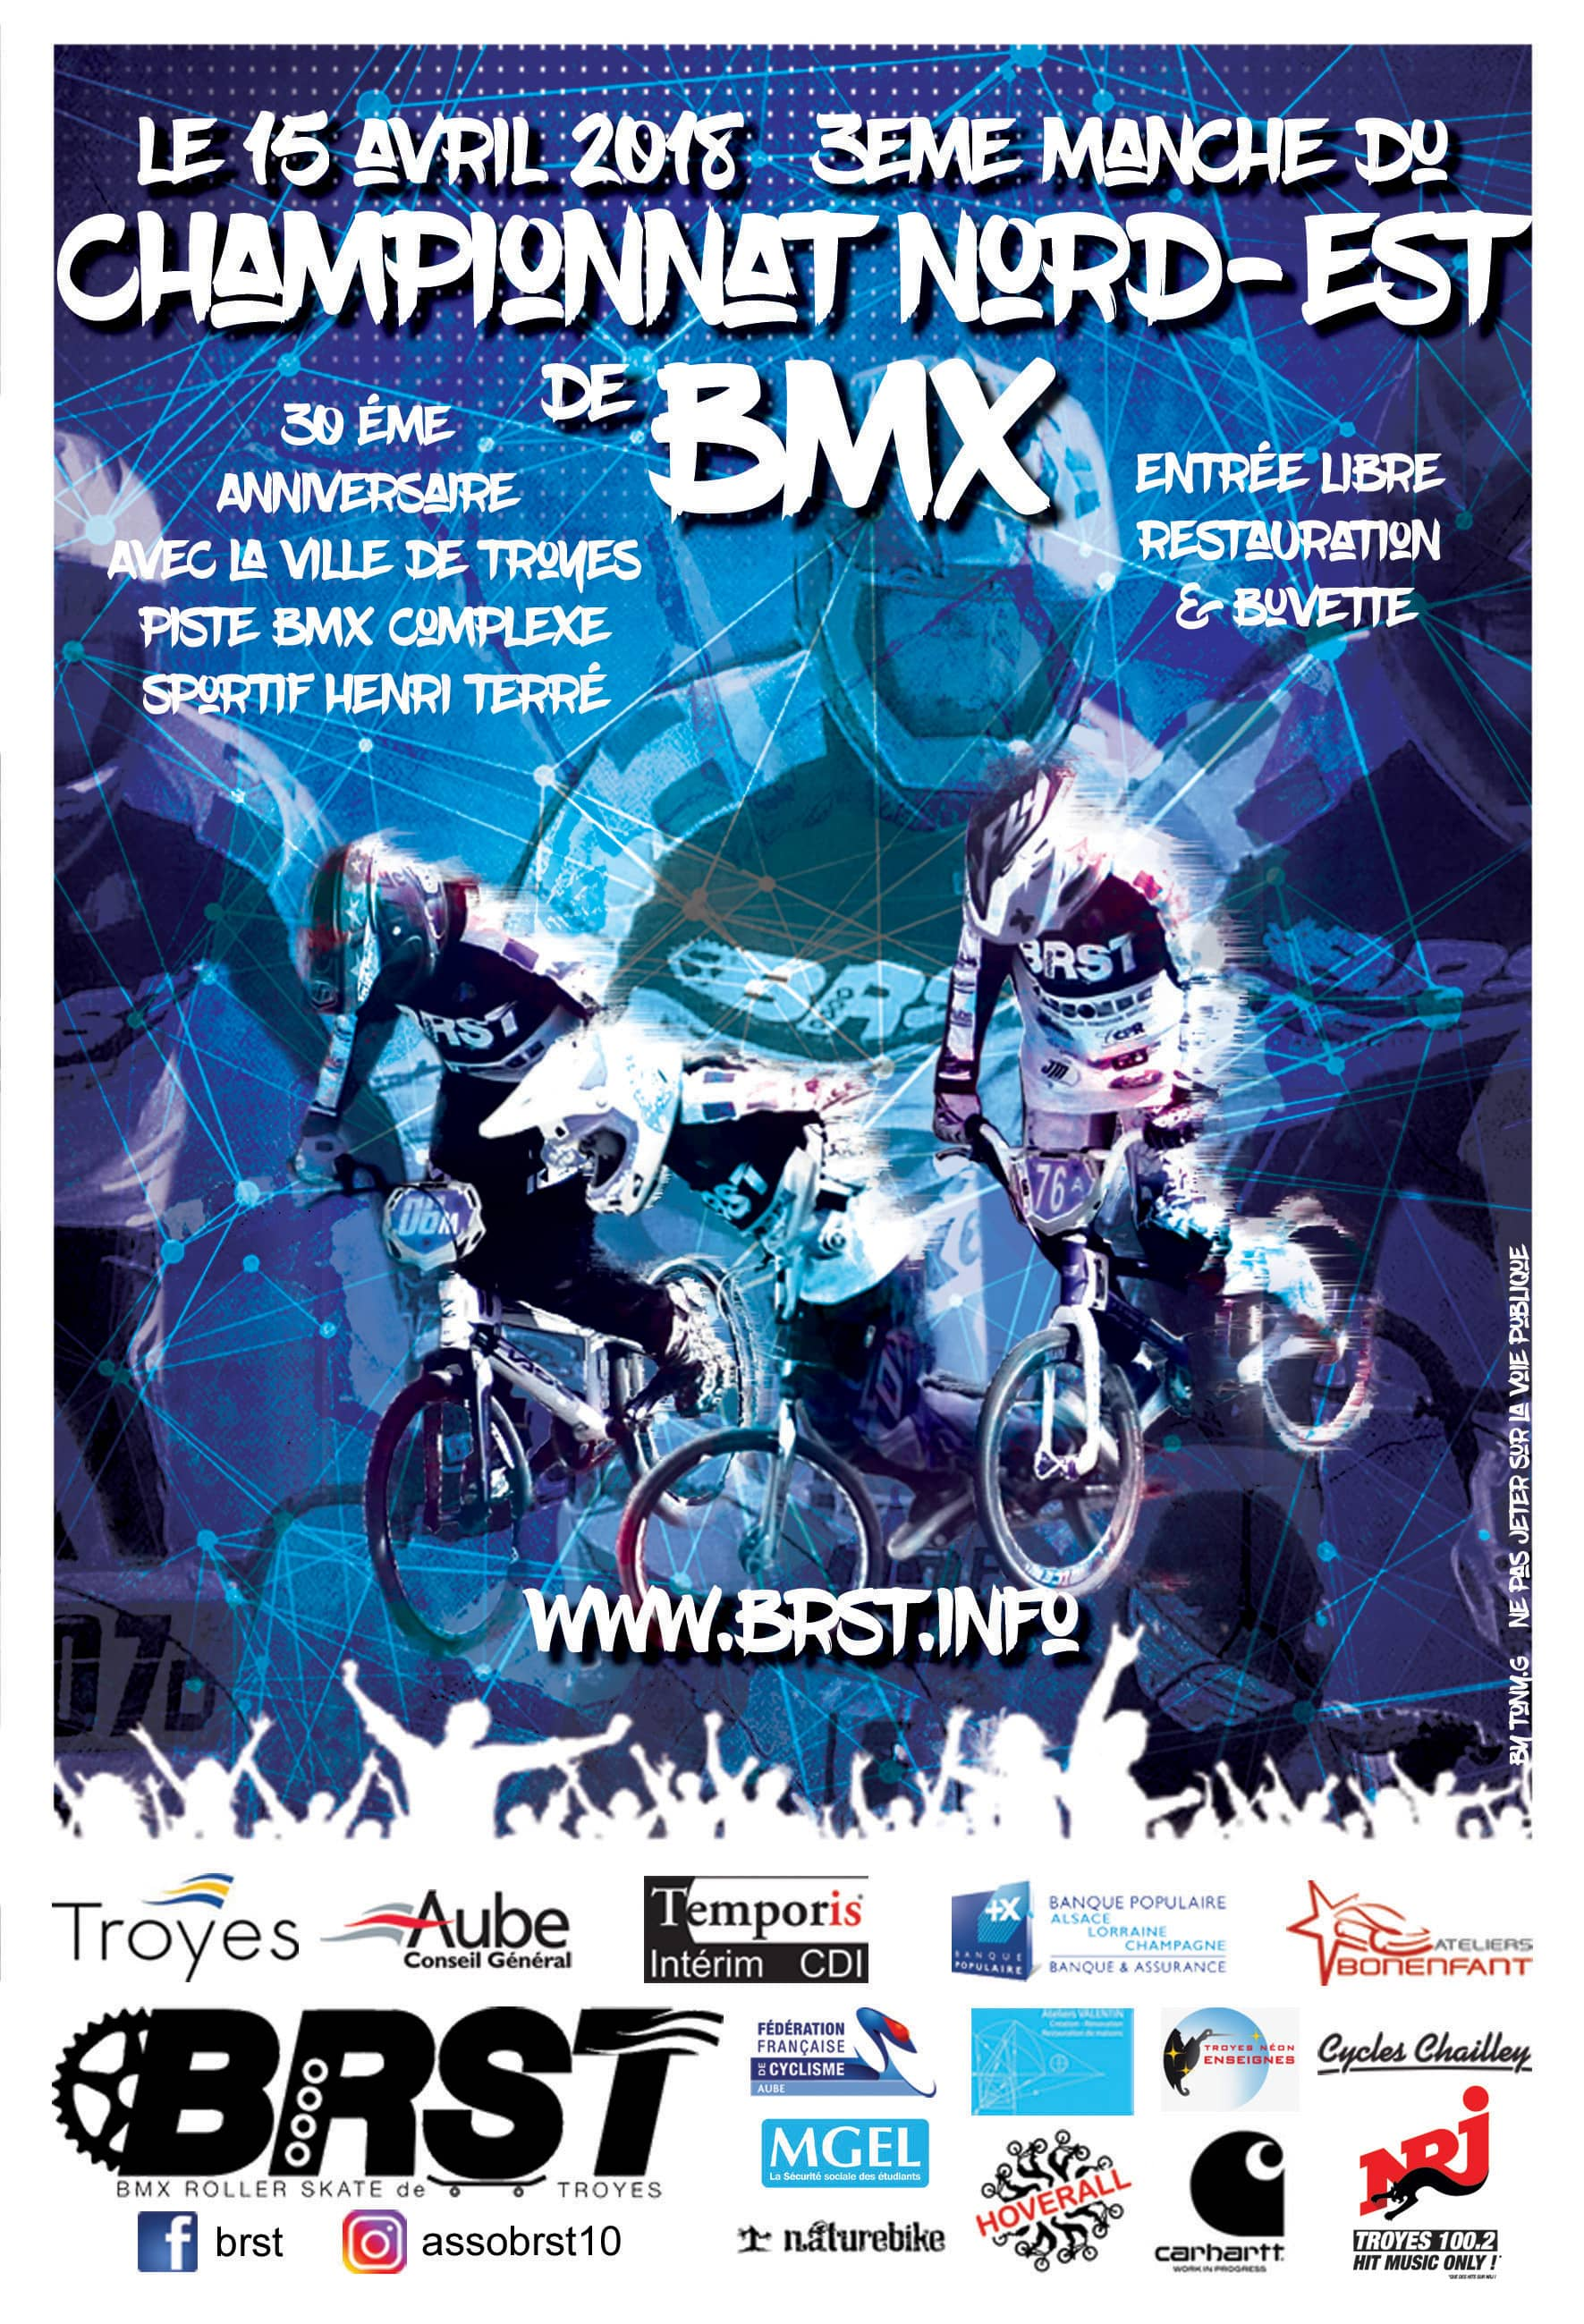 Bmx Roller Skate de Troyes CNE BMX 2018